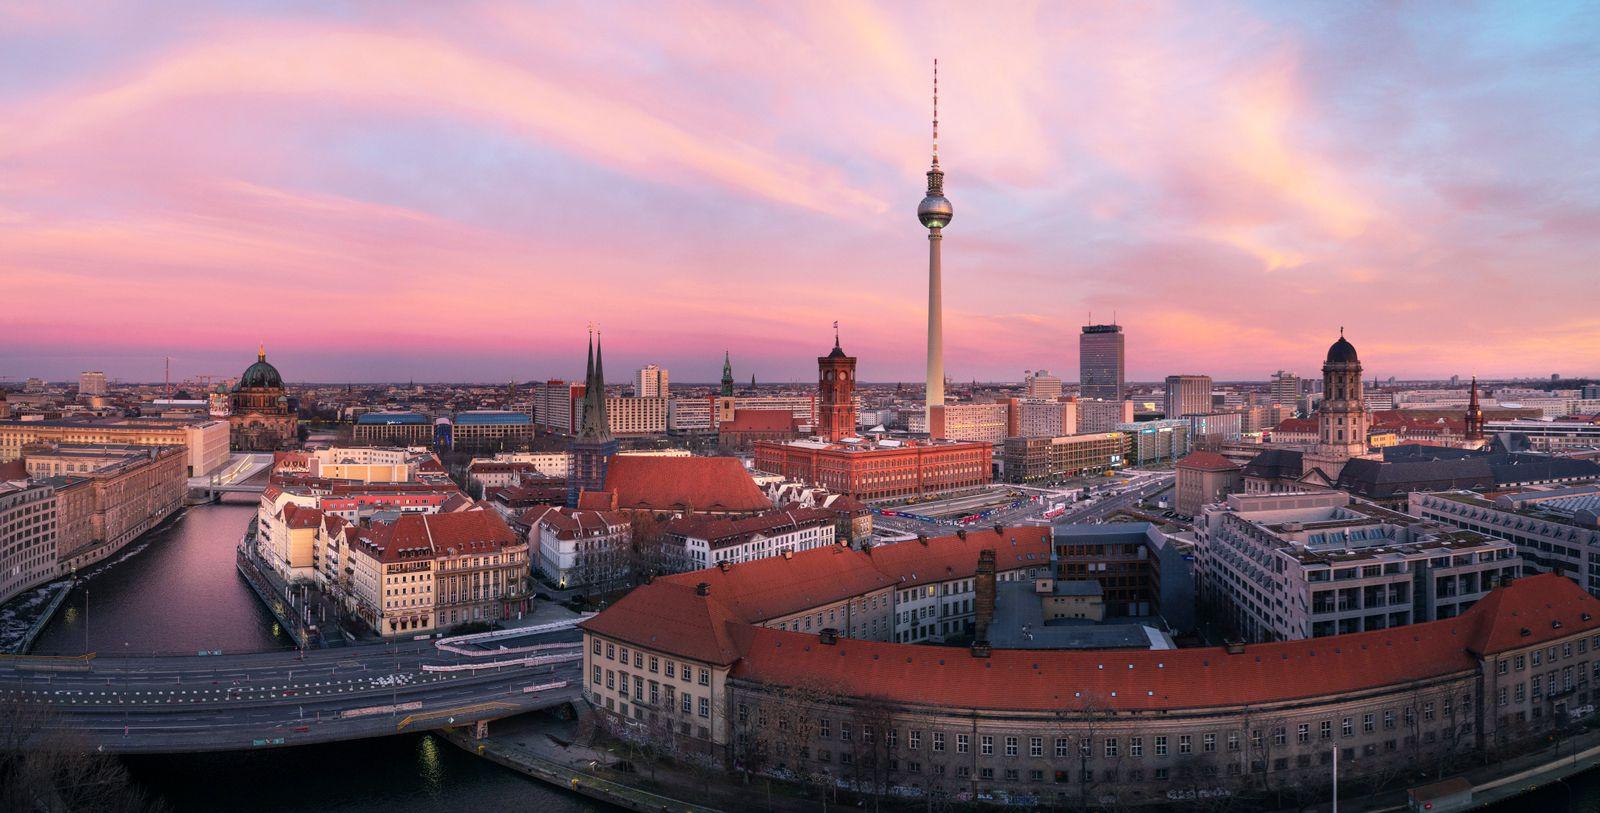 Morgenstimmung und Sonnenaufgang im Zentrum von Berlin Mitte 27.12.2020, Berlin, GER - Morgenstimmung und Sonnenaufgang